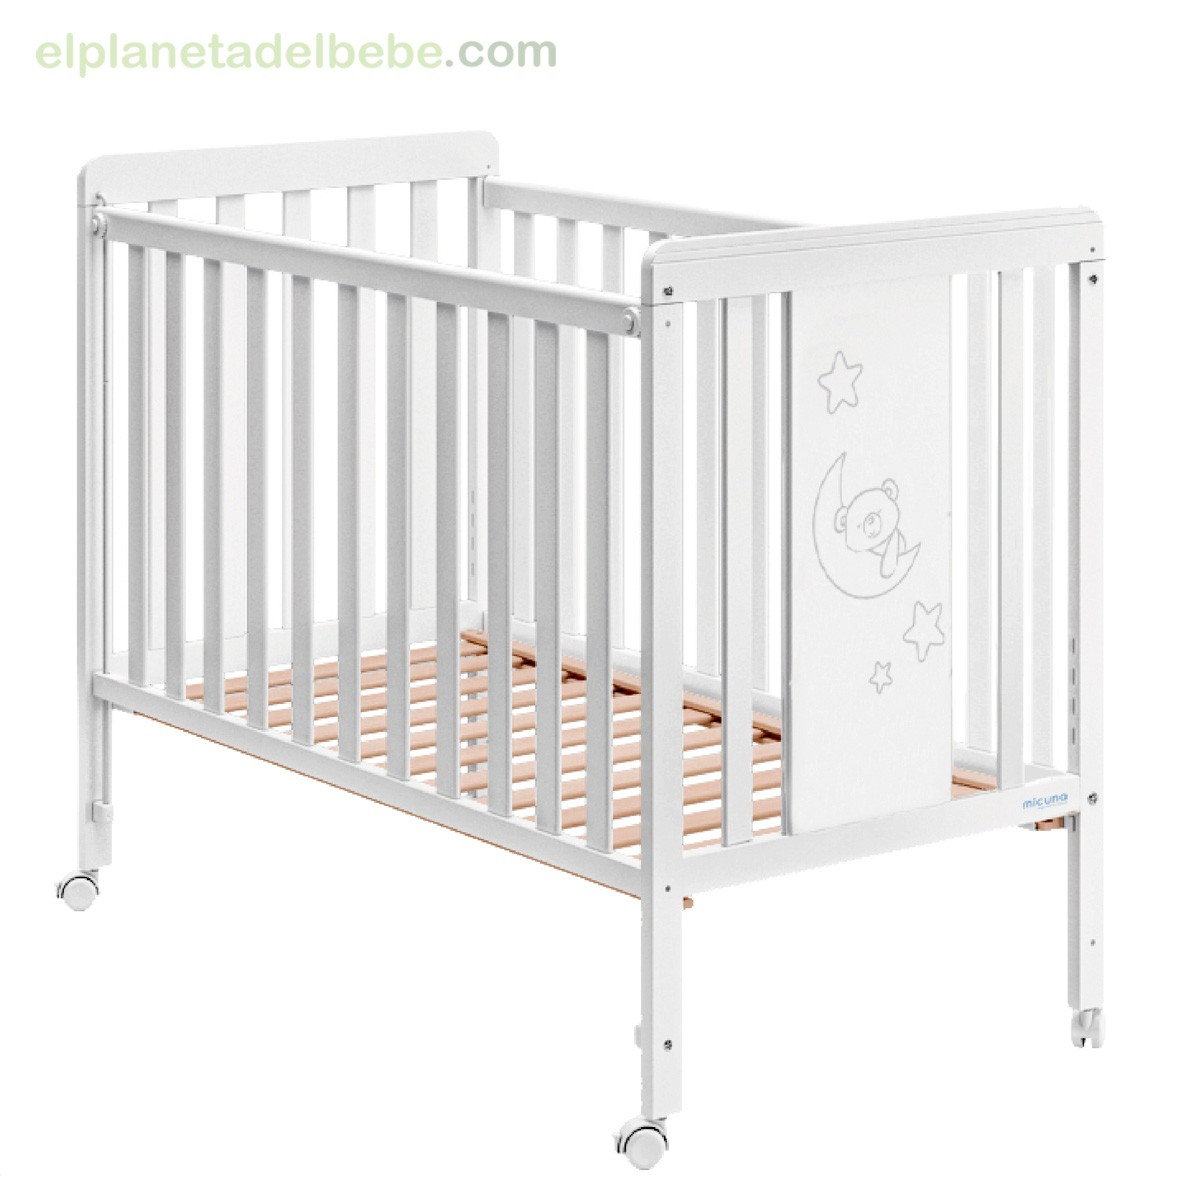 Cunas Bebés: Clásicas, Colecho y Convertibles - EL Planeta del Bebé